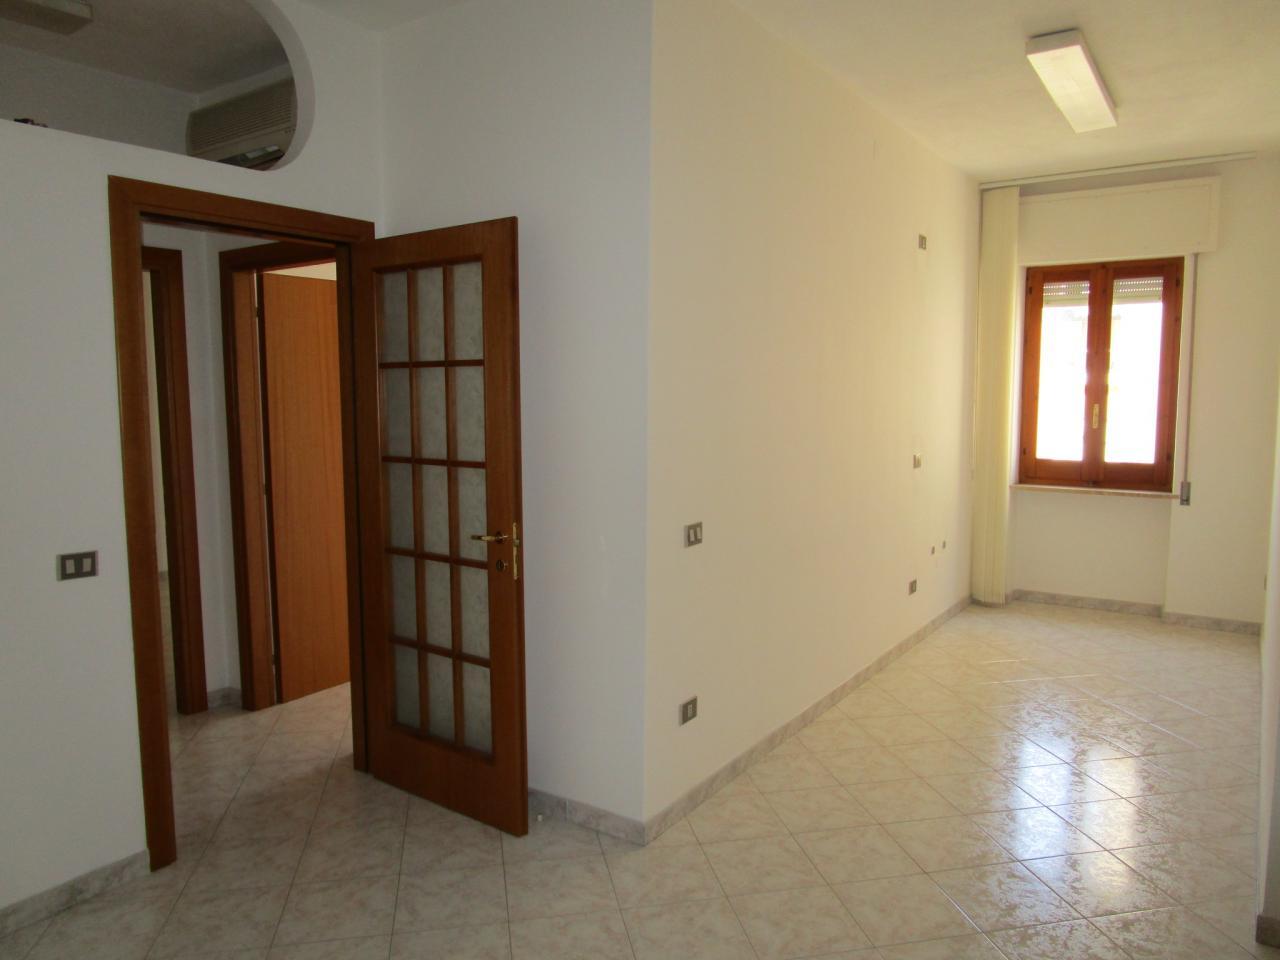 Ufficio Postale A Quartu Sant Elena : Studio ufficio in affitto a quartu santelena cod. g90b